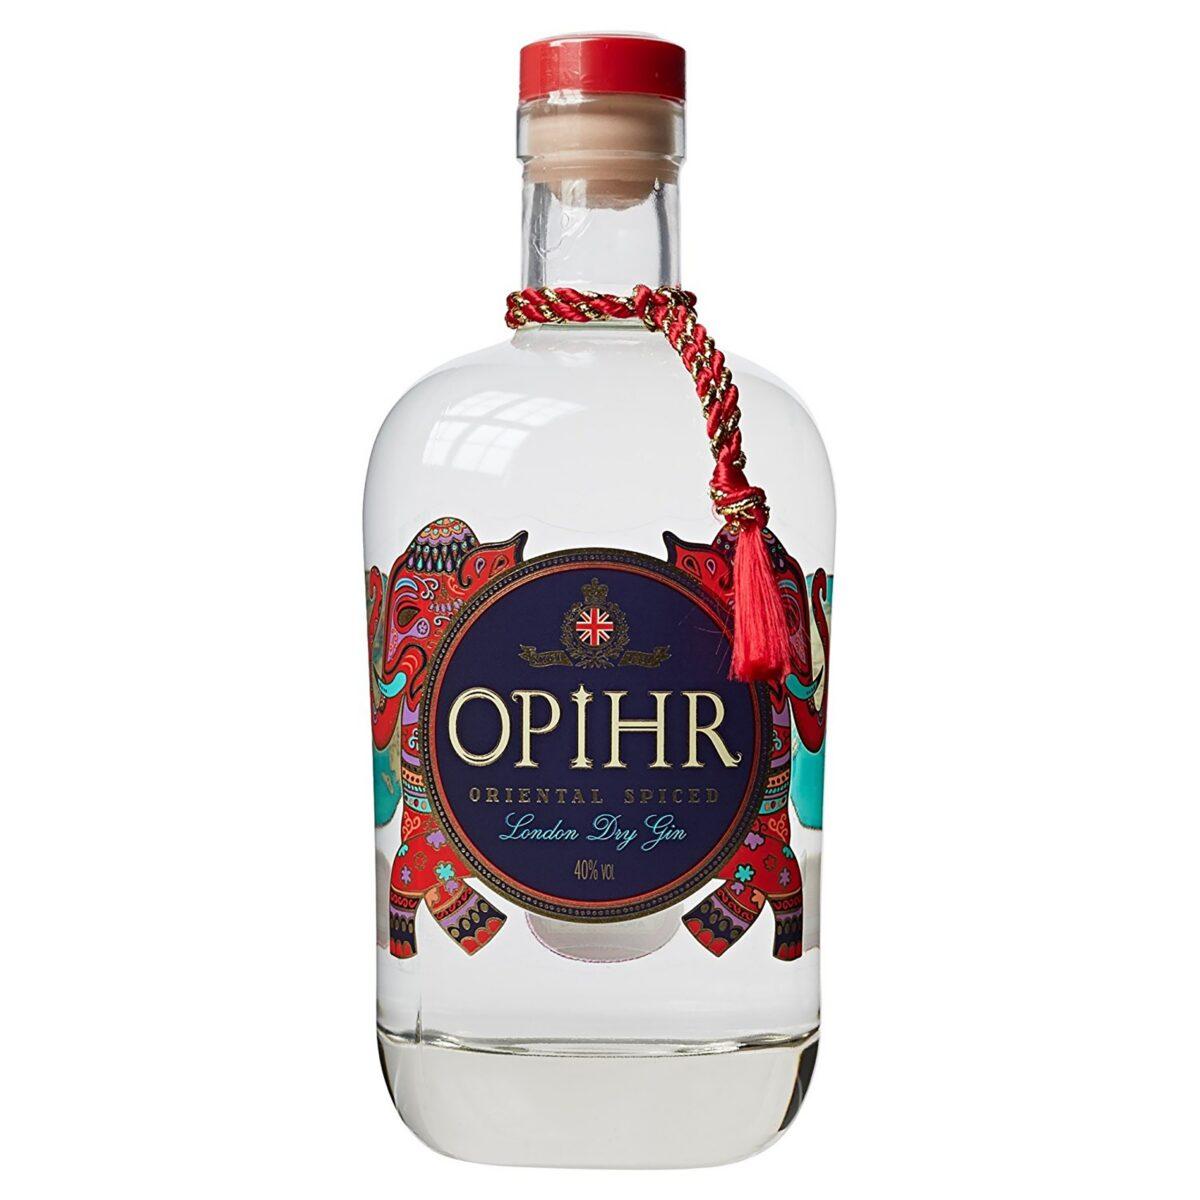 Opihr | Oriental Spiced Gin